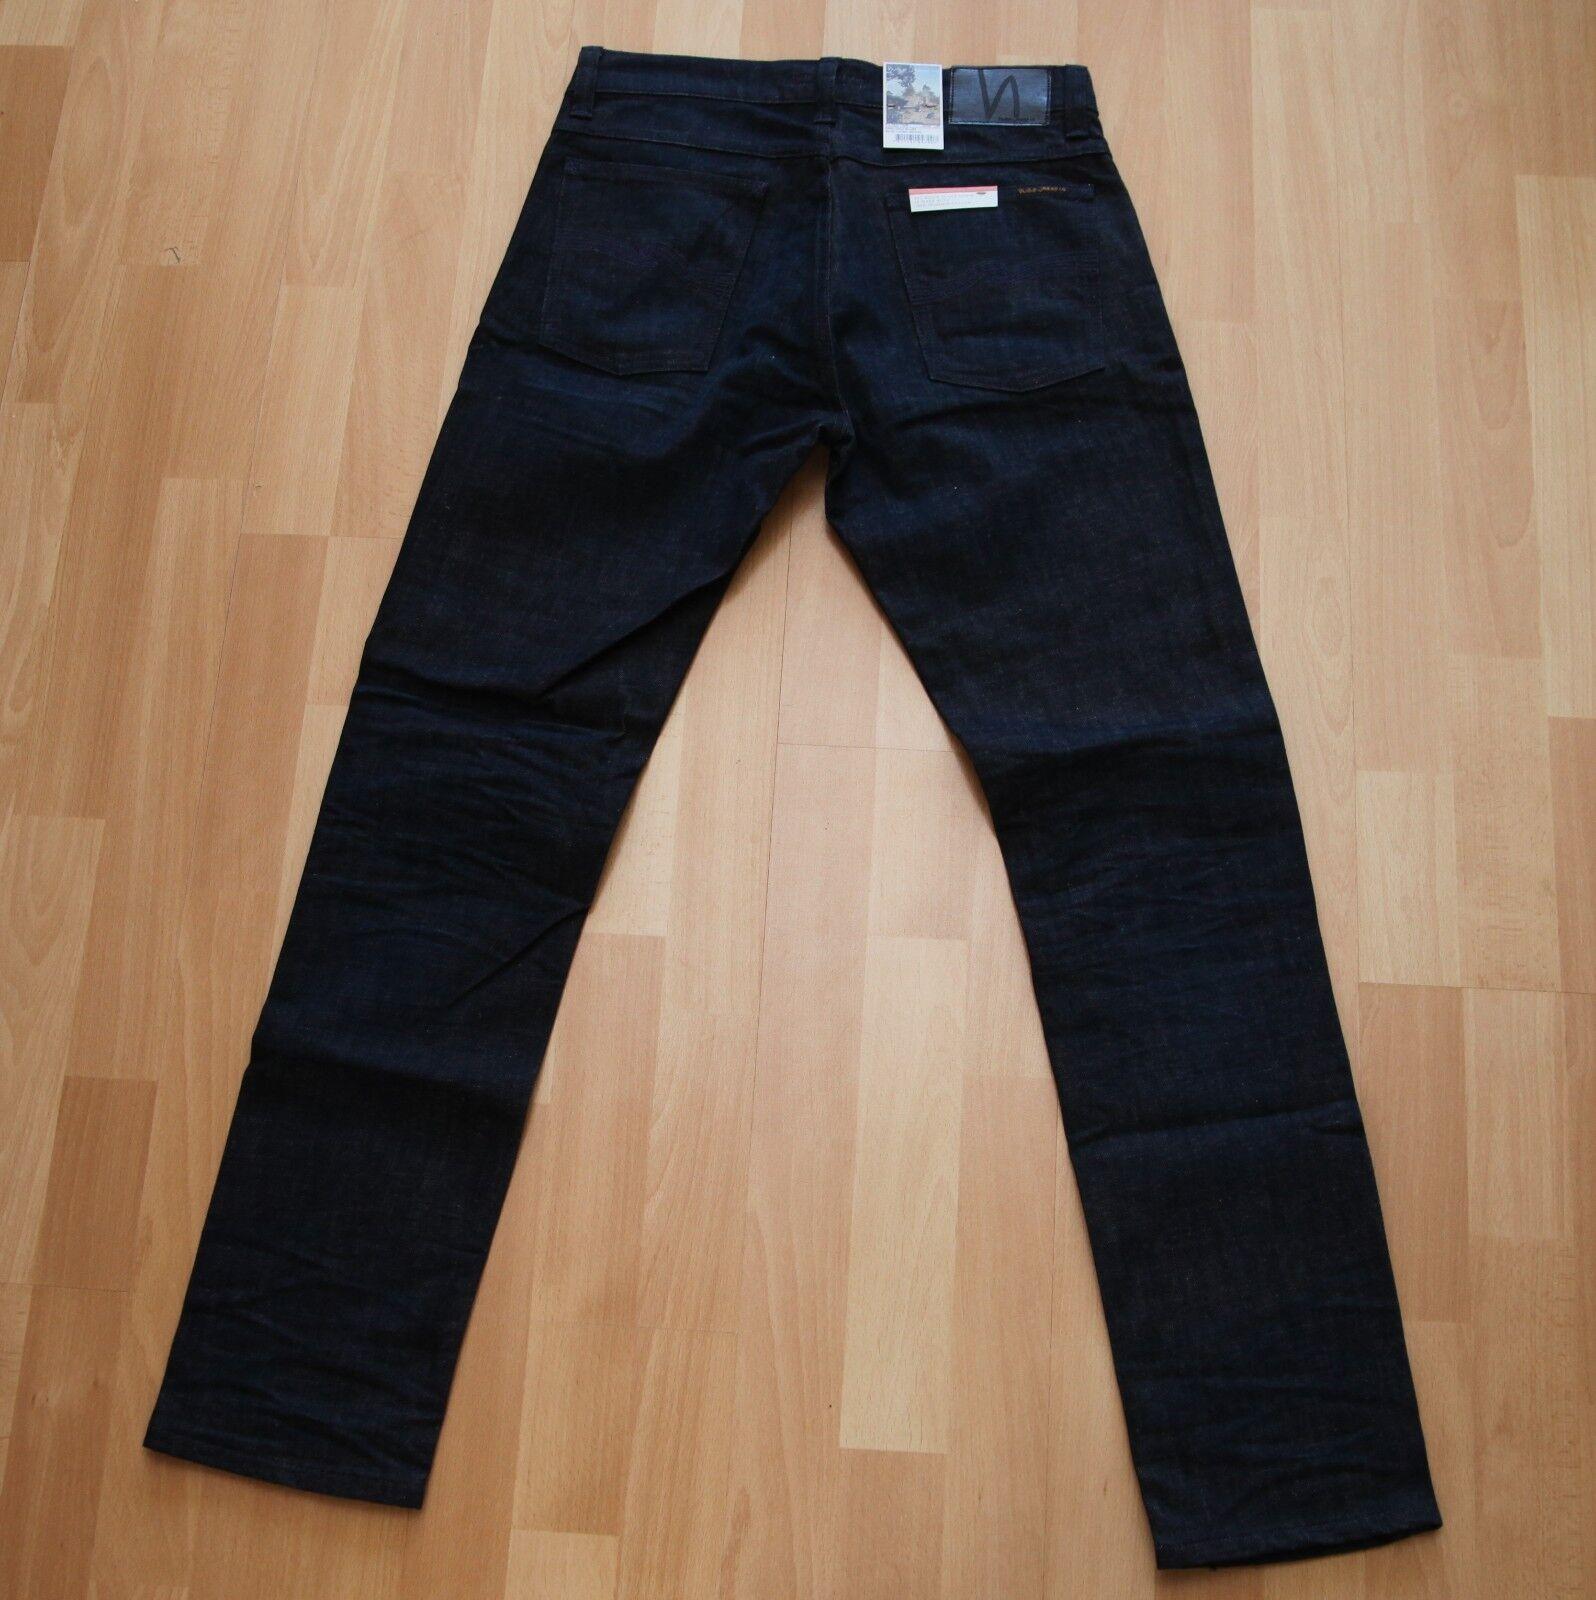 NEU Nudie Jeans TILTED TOR TOR TOR (Tight Fit) Dark Navy Blaus 32 32    Sorgfältig ausgewählte Materialien    Garantiere Qualität und Quantität    Erschwinglich  f40d13